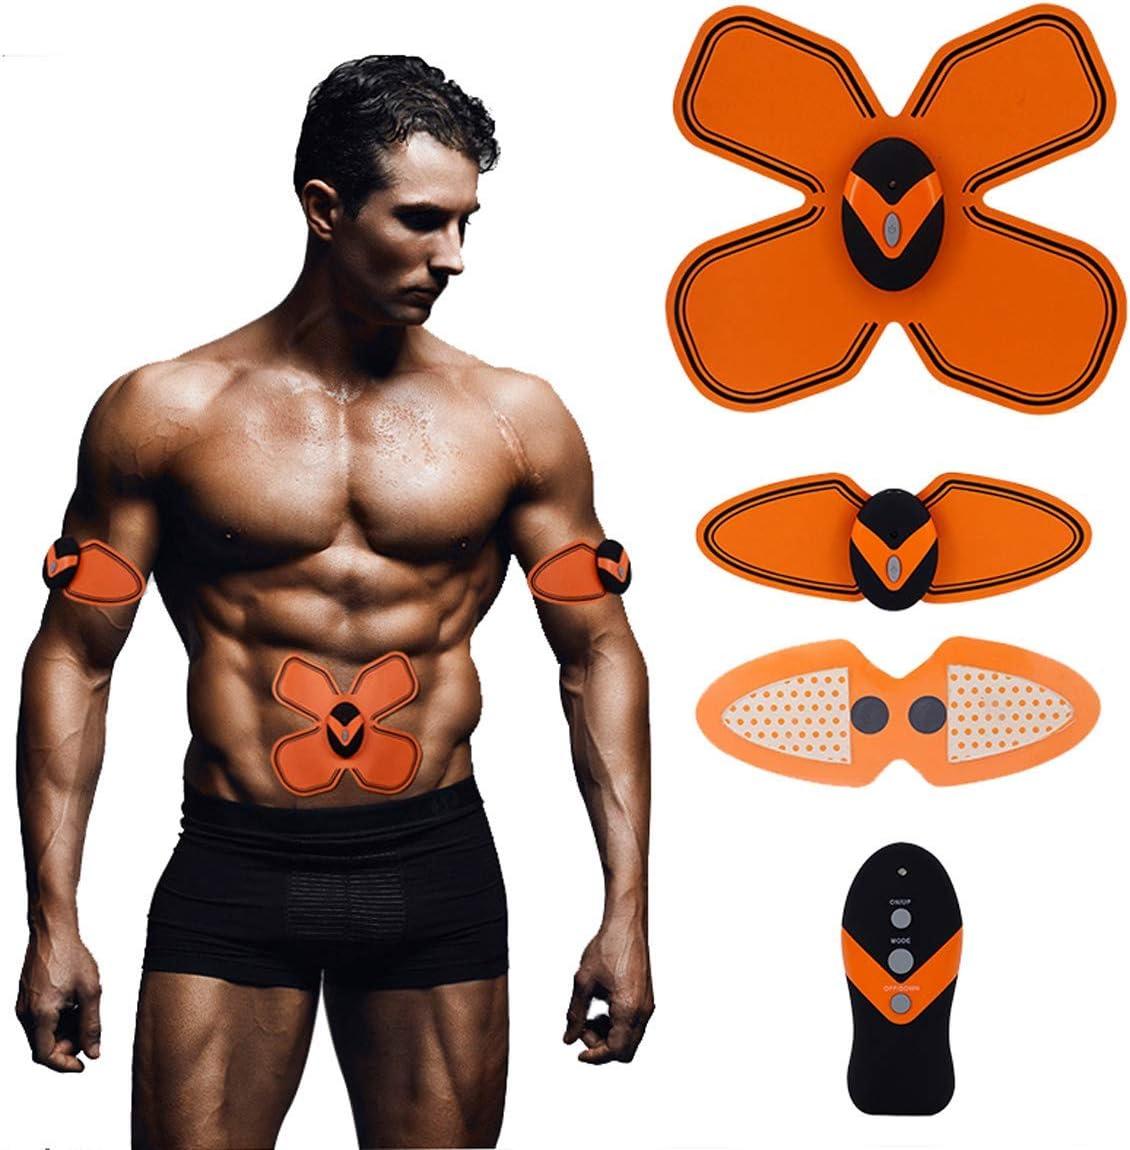 MASOMRUN Muskelstimulator Bauchmuskeltrainer mit 6 Modi /& 10 Intensit/äten Bauchmuskeltrainer Muskeltrainer f/ür M/änner /& Frauen Hilfe beim Abnehmen Muskelaufbau und Figurformung